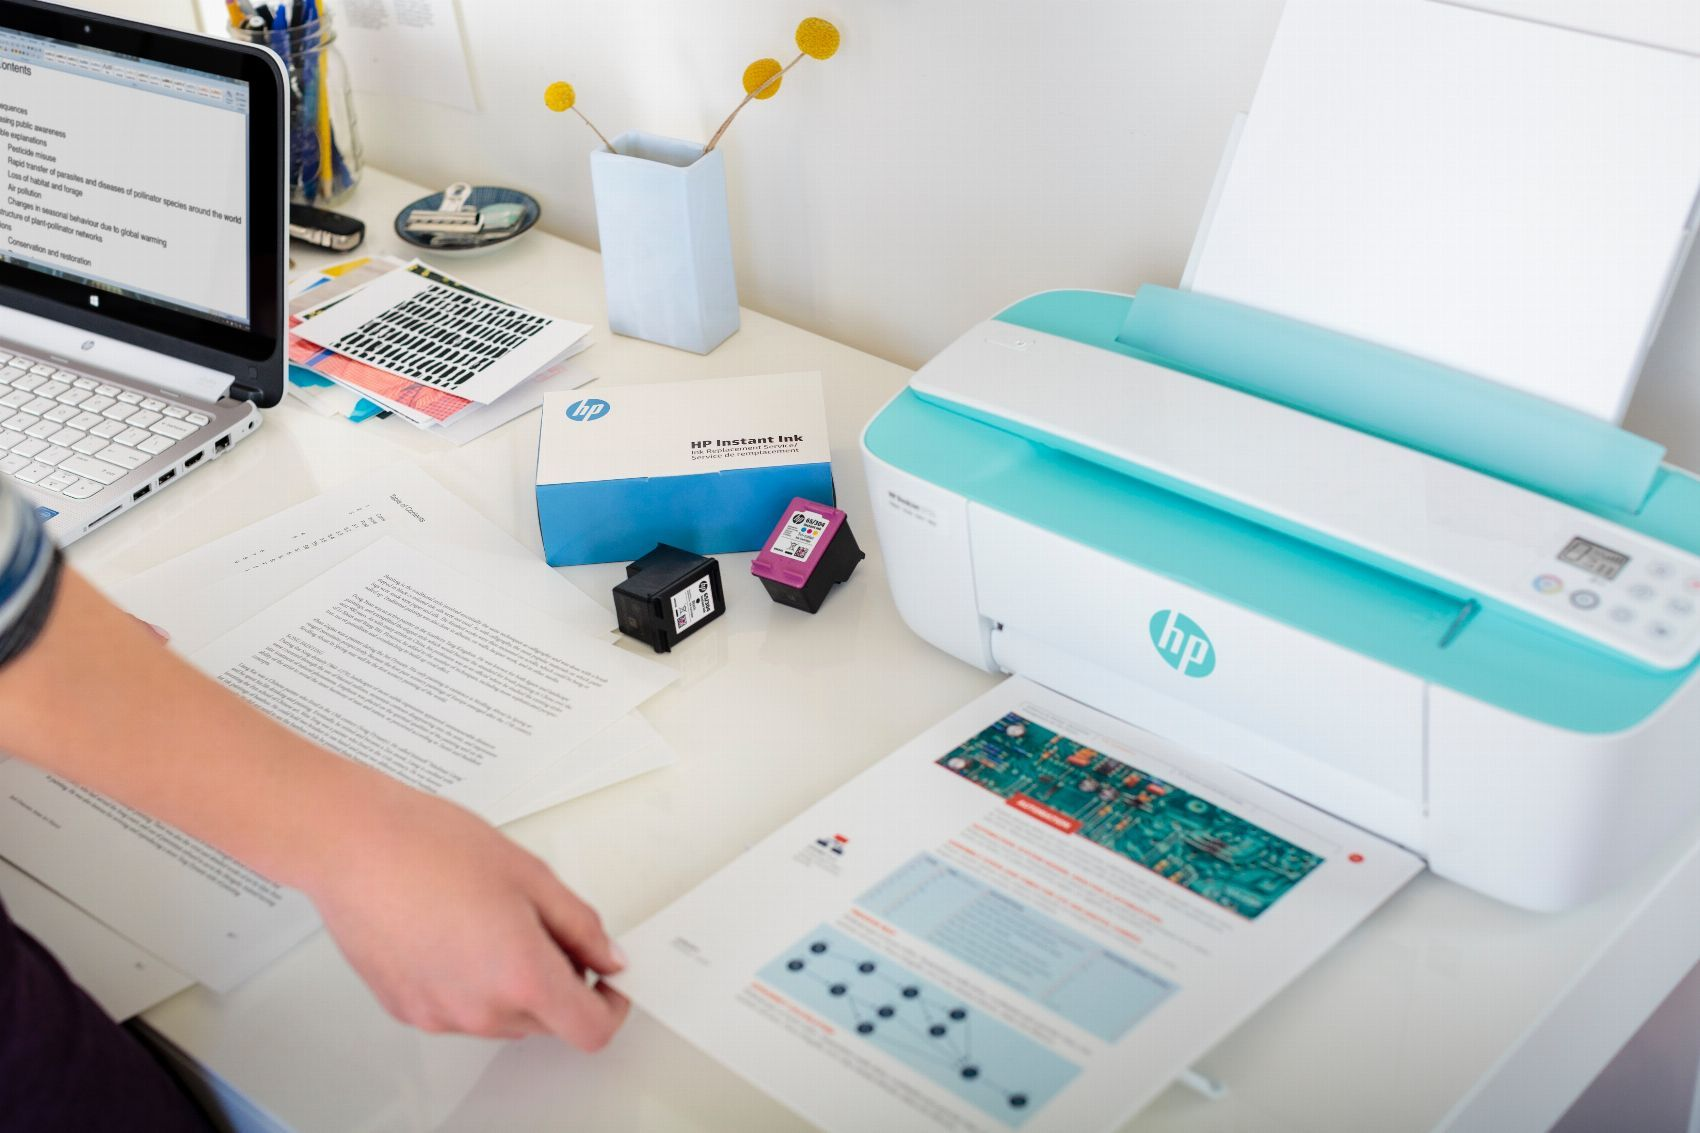 Impresora Hp Deskjet 3760 Impresora H P Color Cian